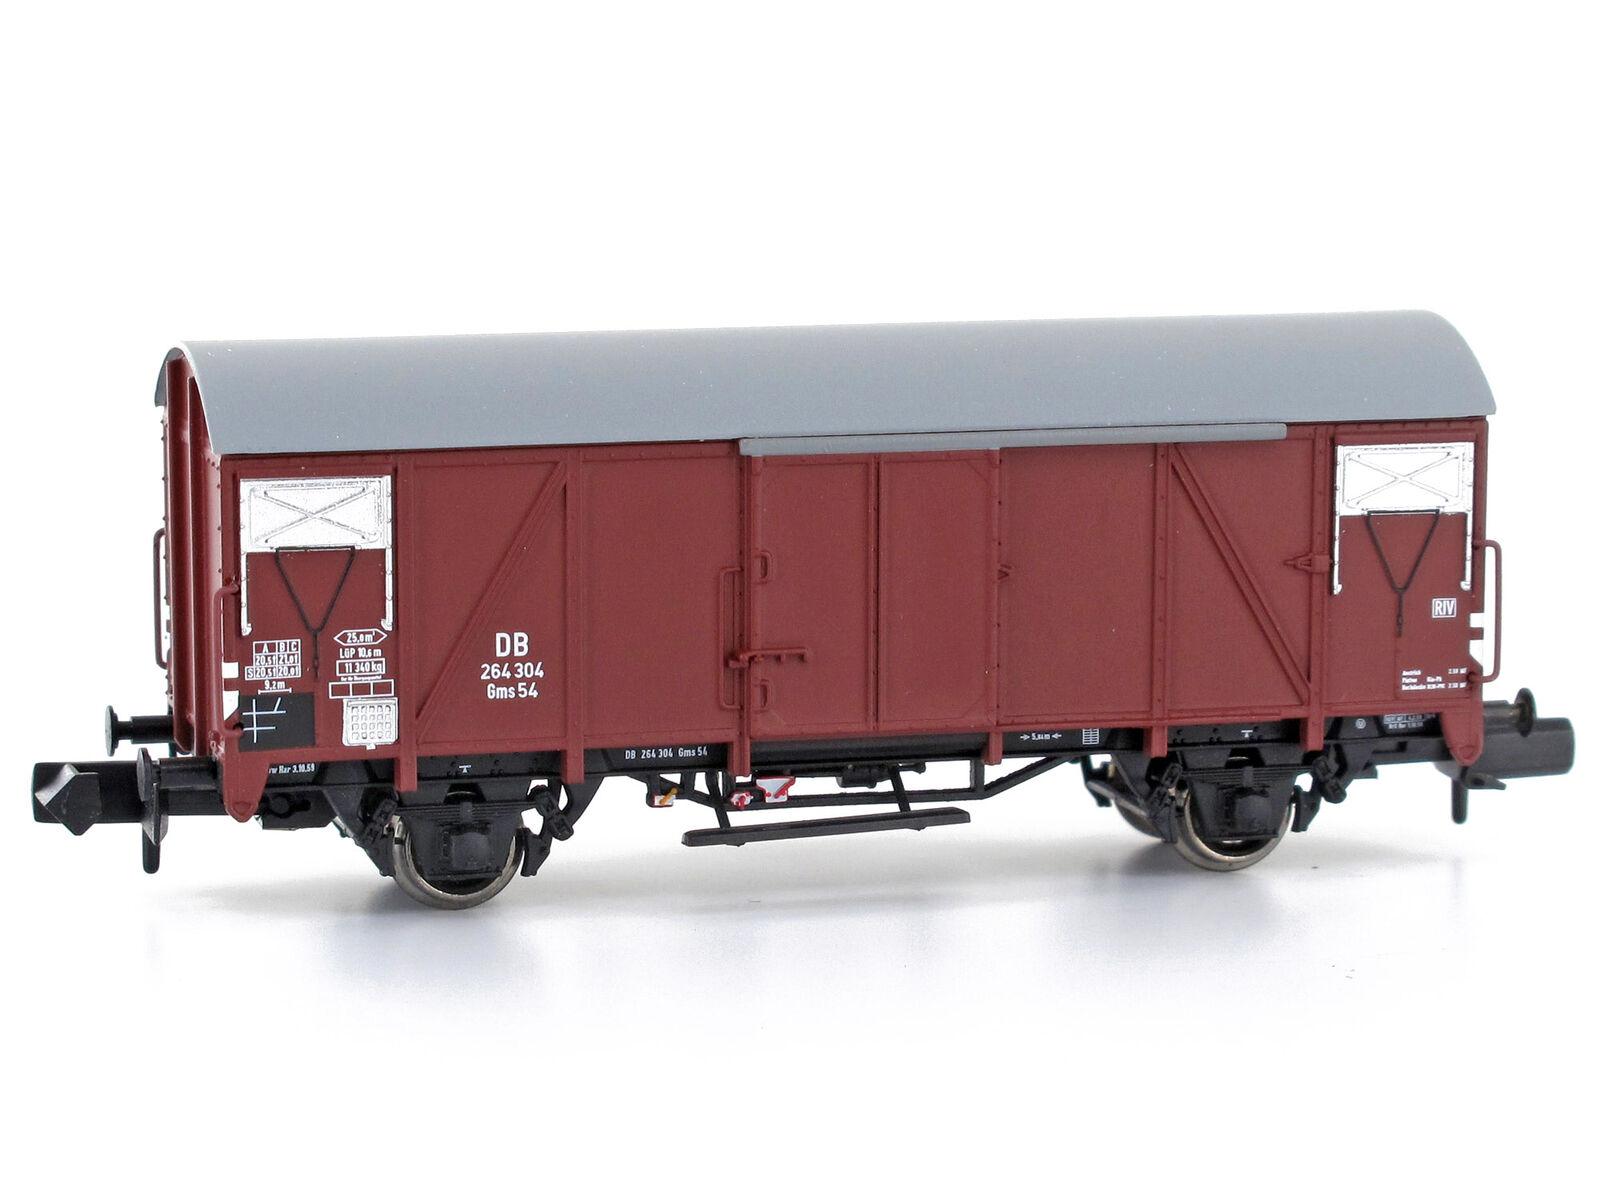 MU N-G54102 - Güterwagen Güterwagen Güterwagen Gms 54 DB Epoche III - Spur N - NEU 2930db